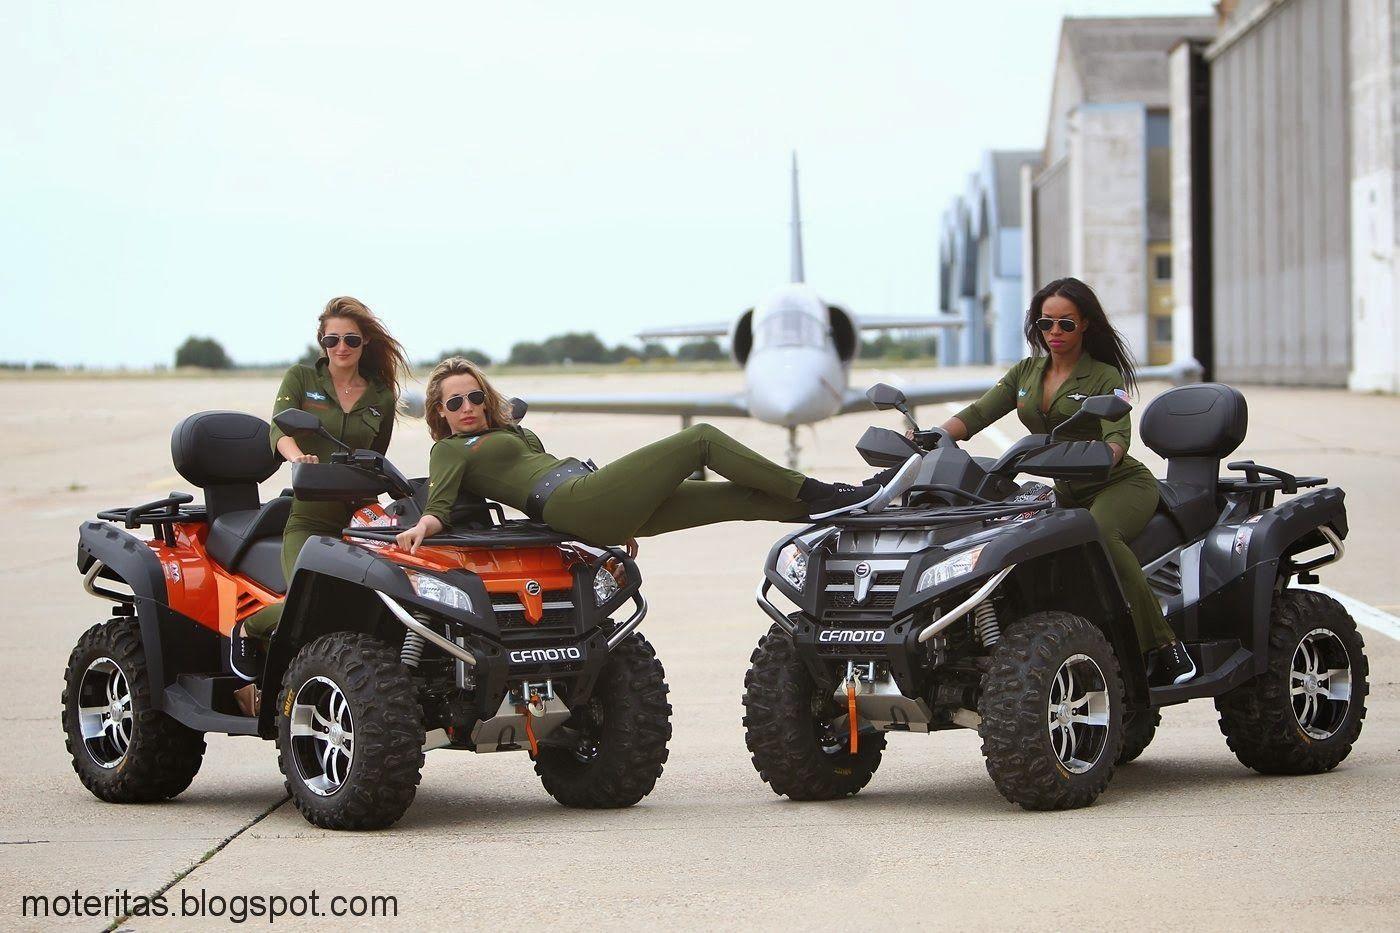 chicas warriors peru - motocicletas custom